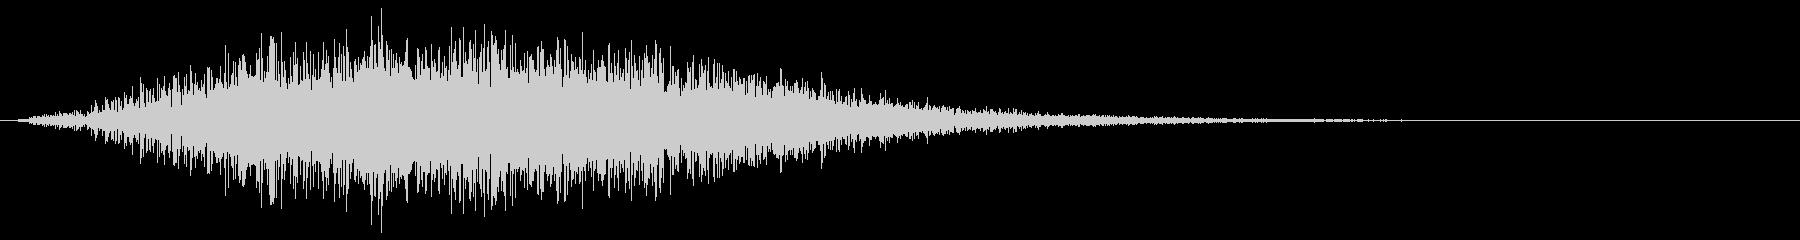 魔法系効果音 ダーク 神秘的の未再生の波形